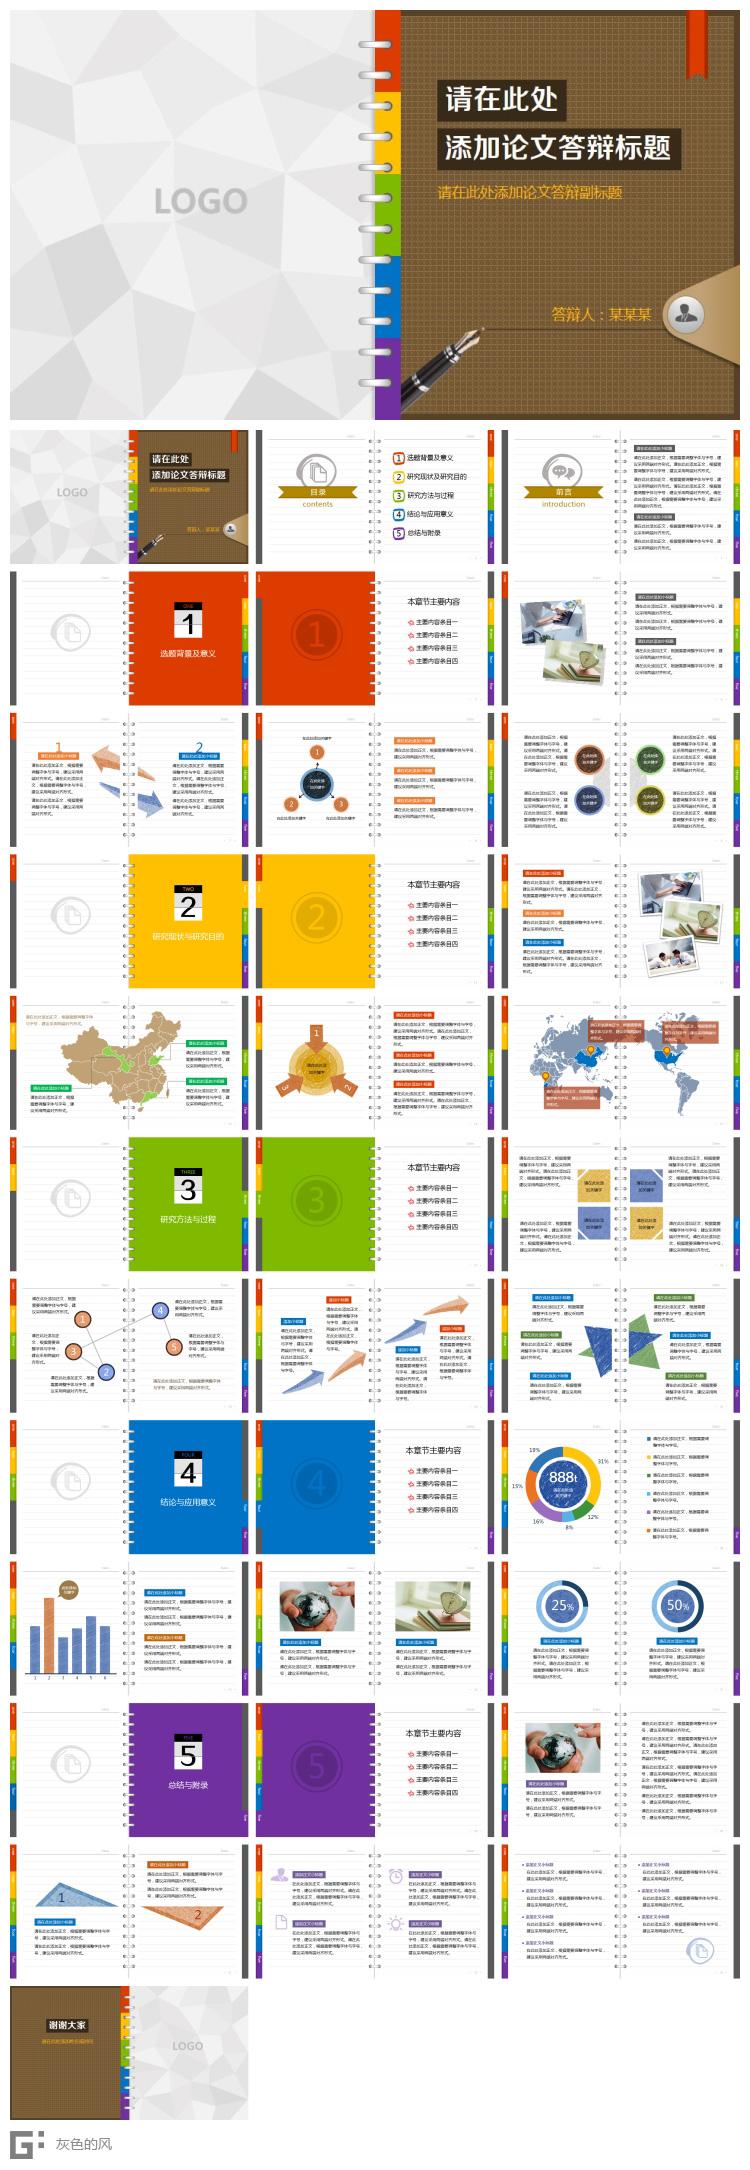 毕业设计流程是:首先由导师给你任务书,上面有课题名字,研究内容和